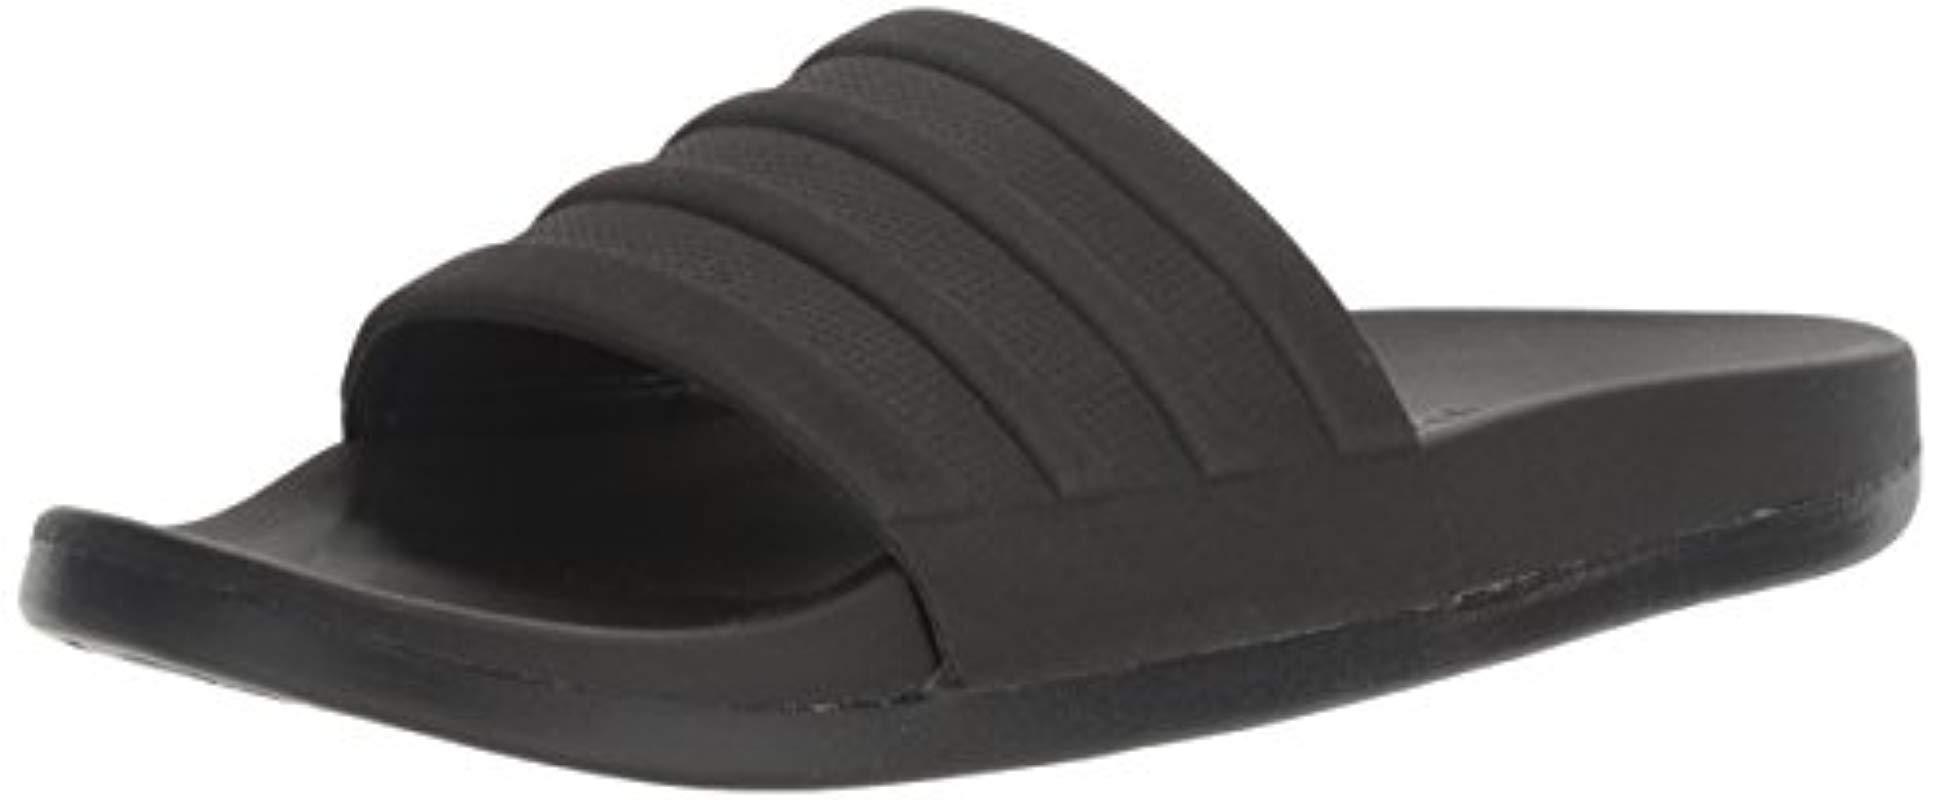 e31eab42ee41 adidas. Men s Adilette Comfort Slide Sandal Black ...